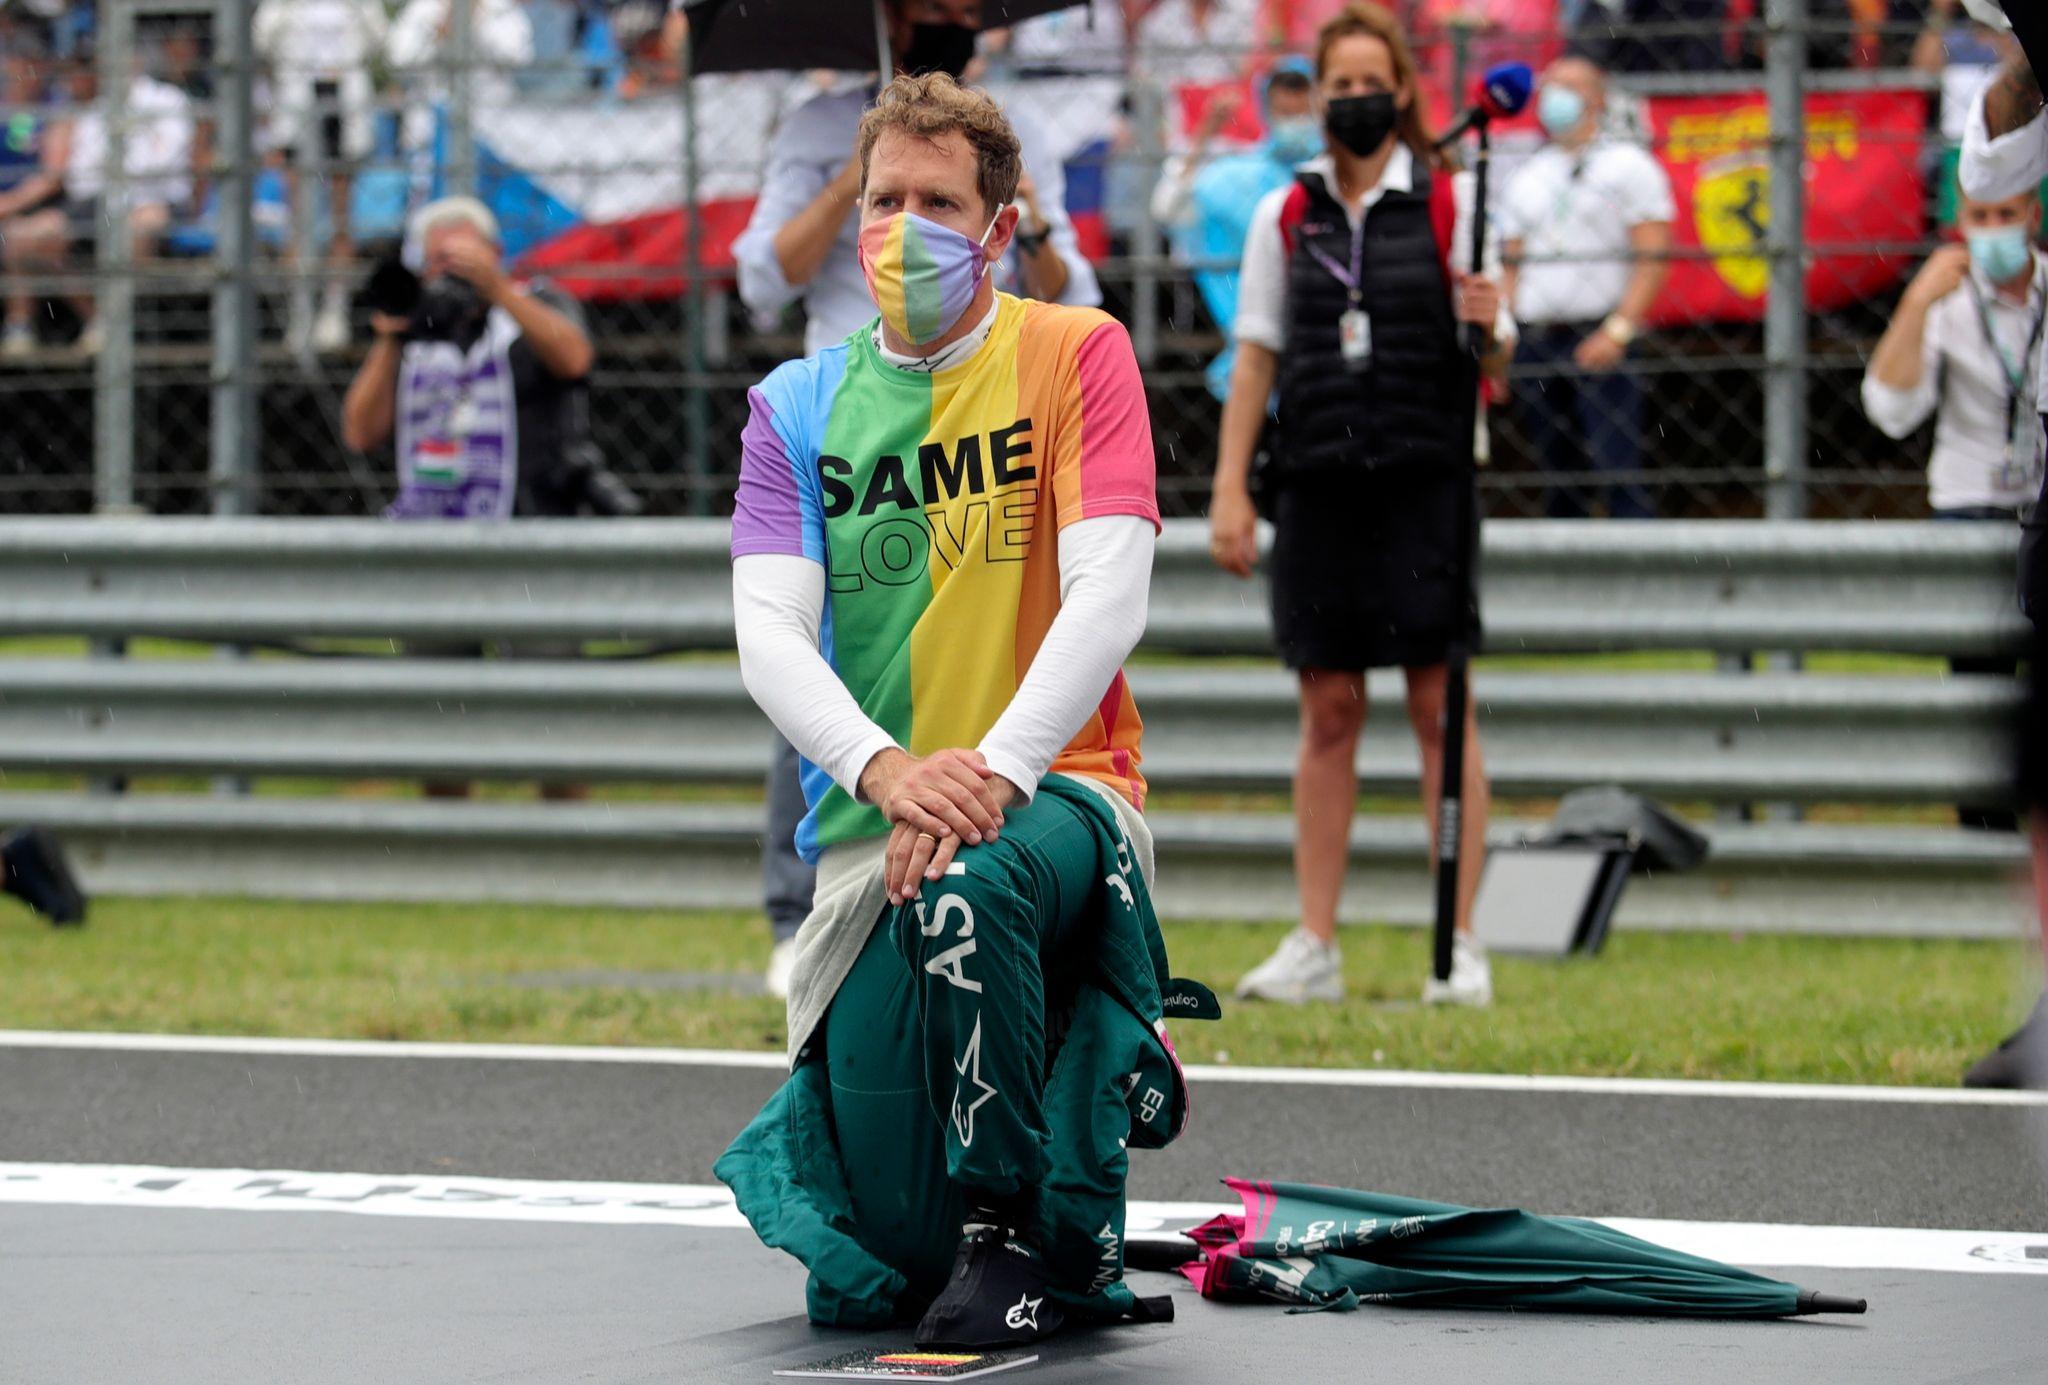 """Sebastian Vettel trug vor dem Rennen beim Abspielen von Ungarns Hymne ein Shirt in Regenbogenfarben mit dem Text """"Same Love""""."""